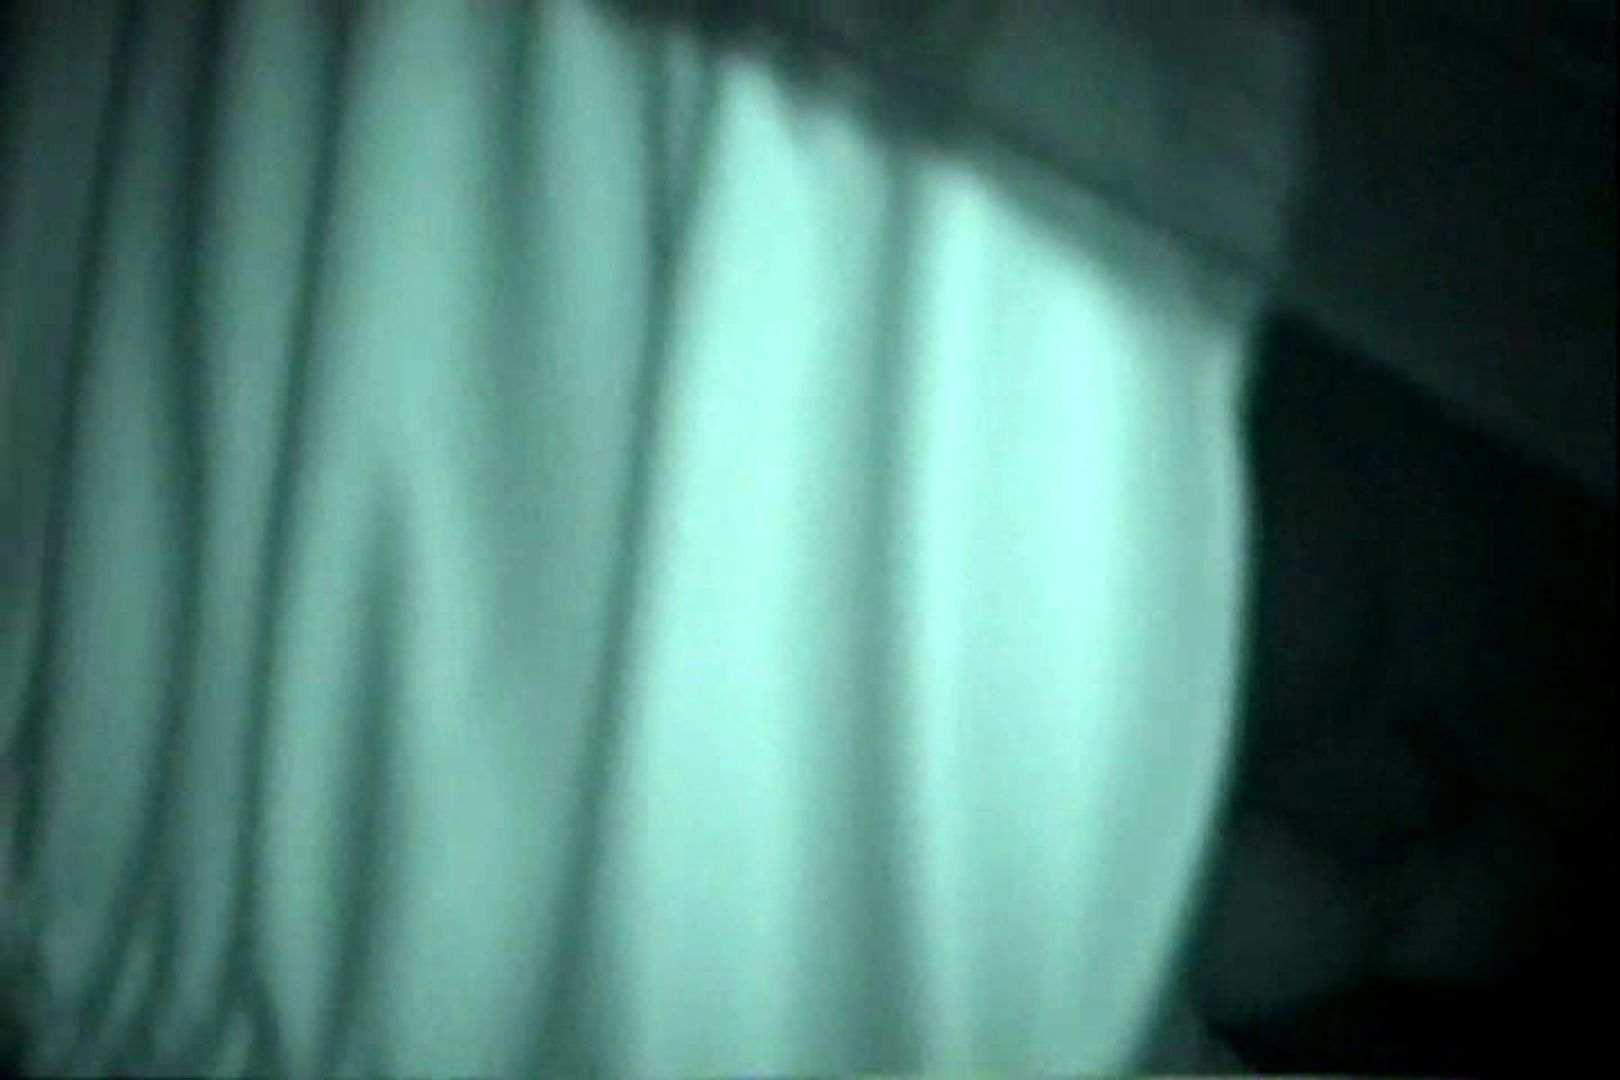 充血監督の深夜の運動会Vol.129 車 オメコ動画キャプチャ 102pic 77